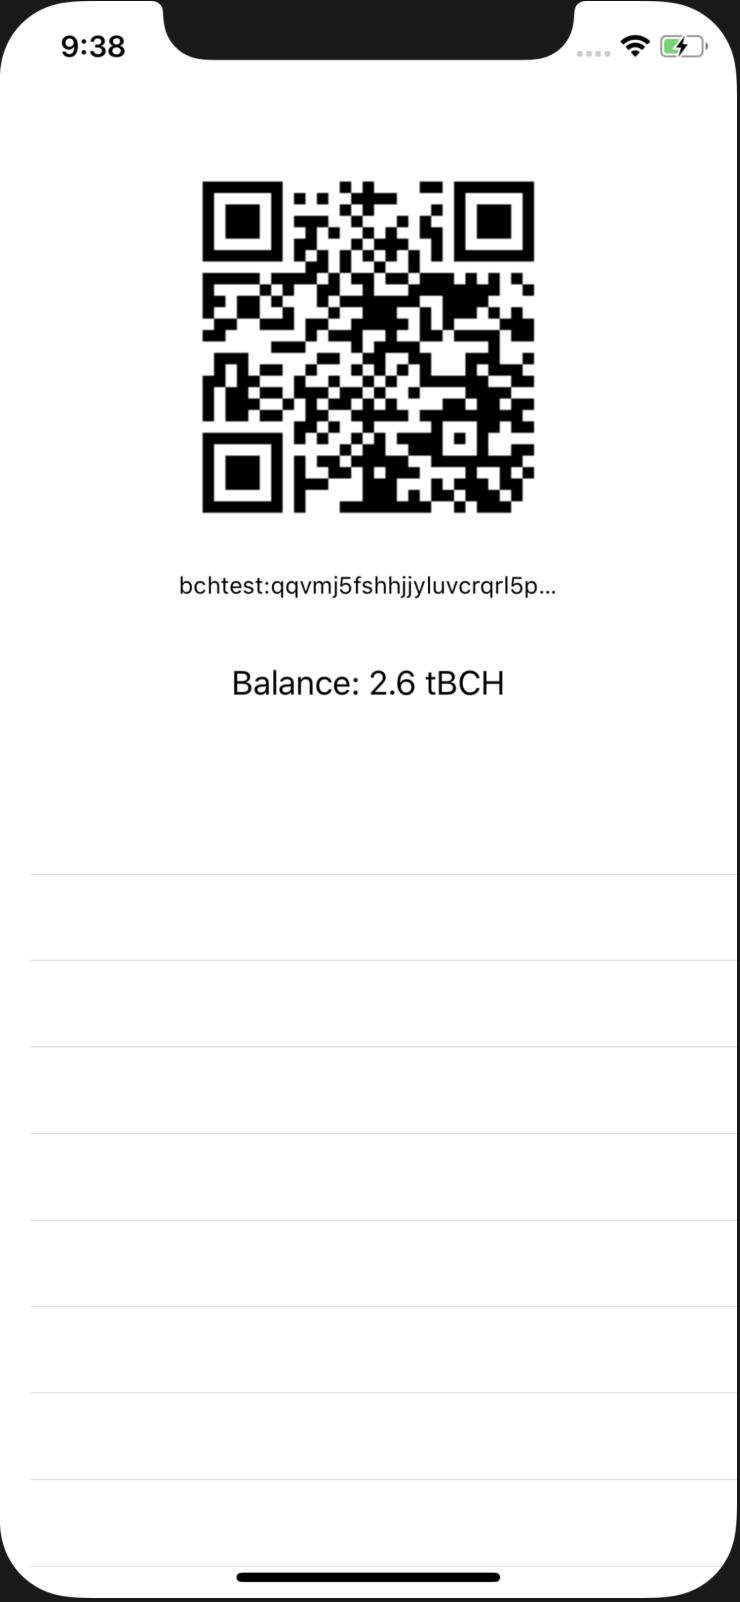 スクリーンショット 2018-08-08 9.38.09.png